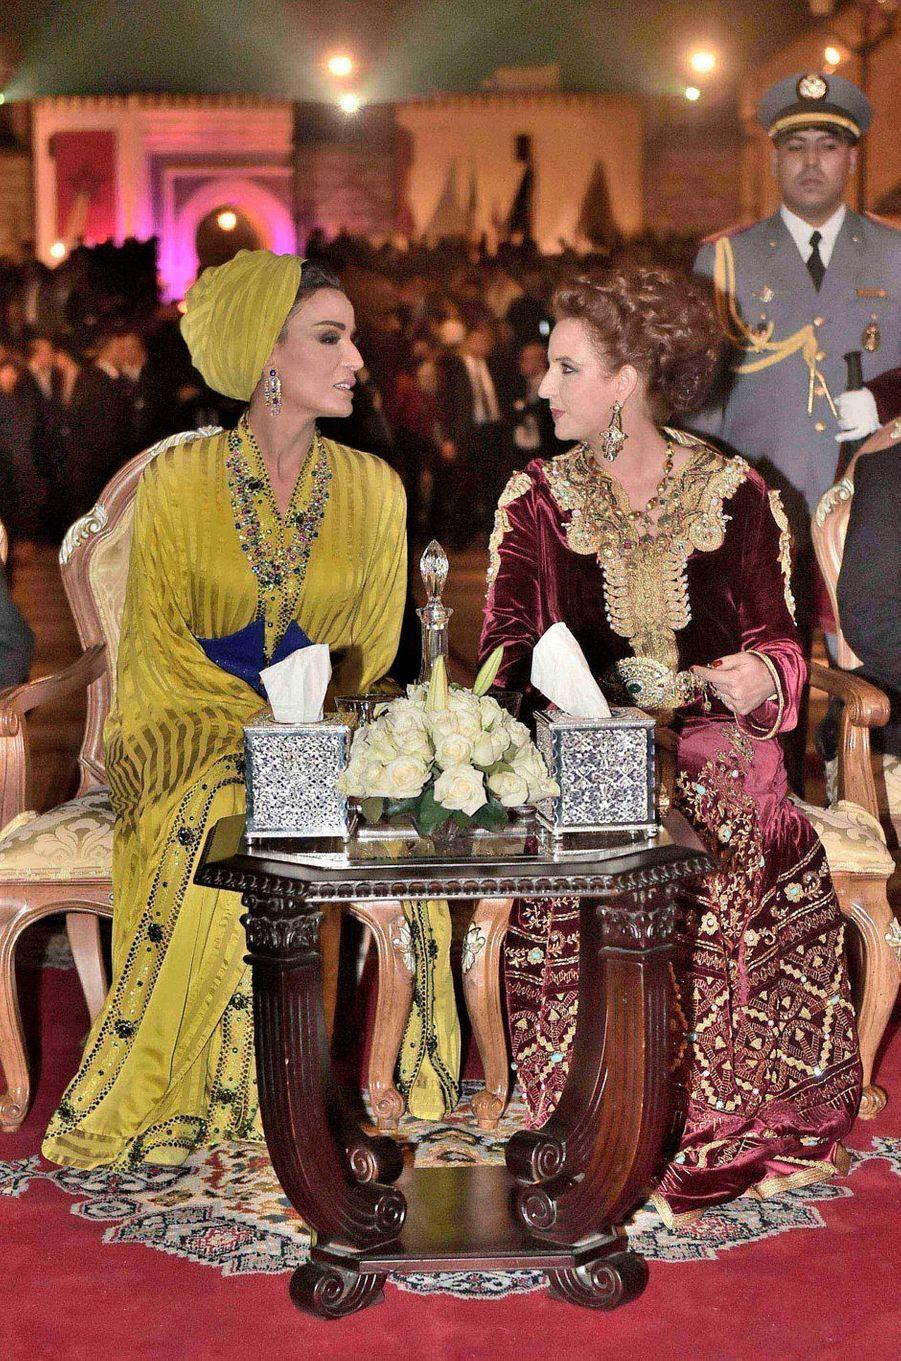 L'une avait choisi de marier le grenat à l'or, l'autre le jaune et le bleu. Lalla Salma et la Sheikha Mozah étaient toutes deux somptueuses à Fès, ce samedi 7 mai.